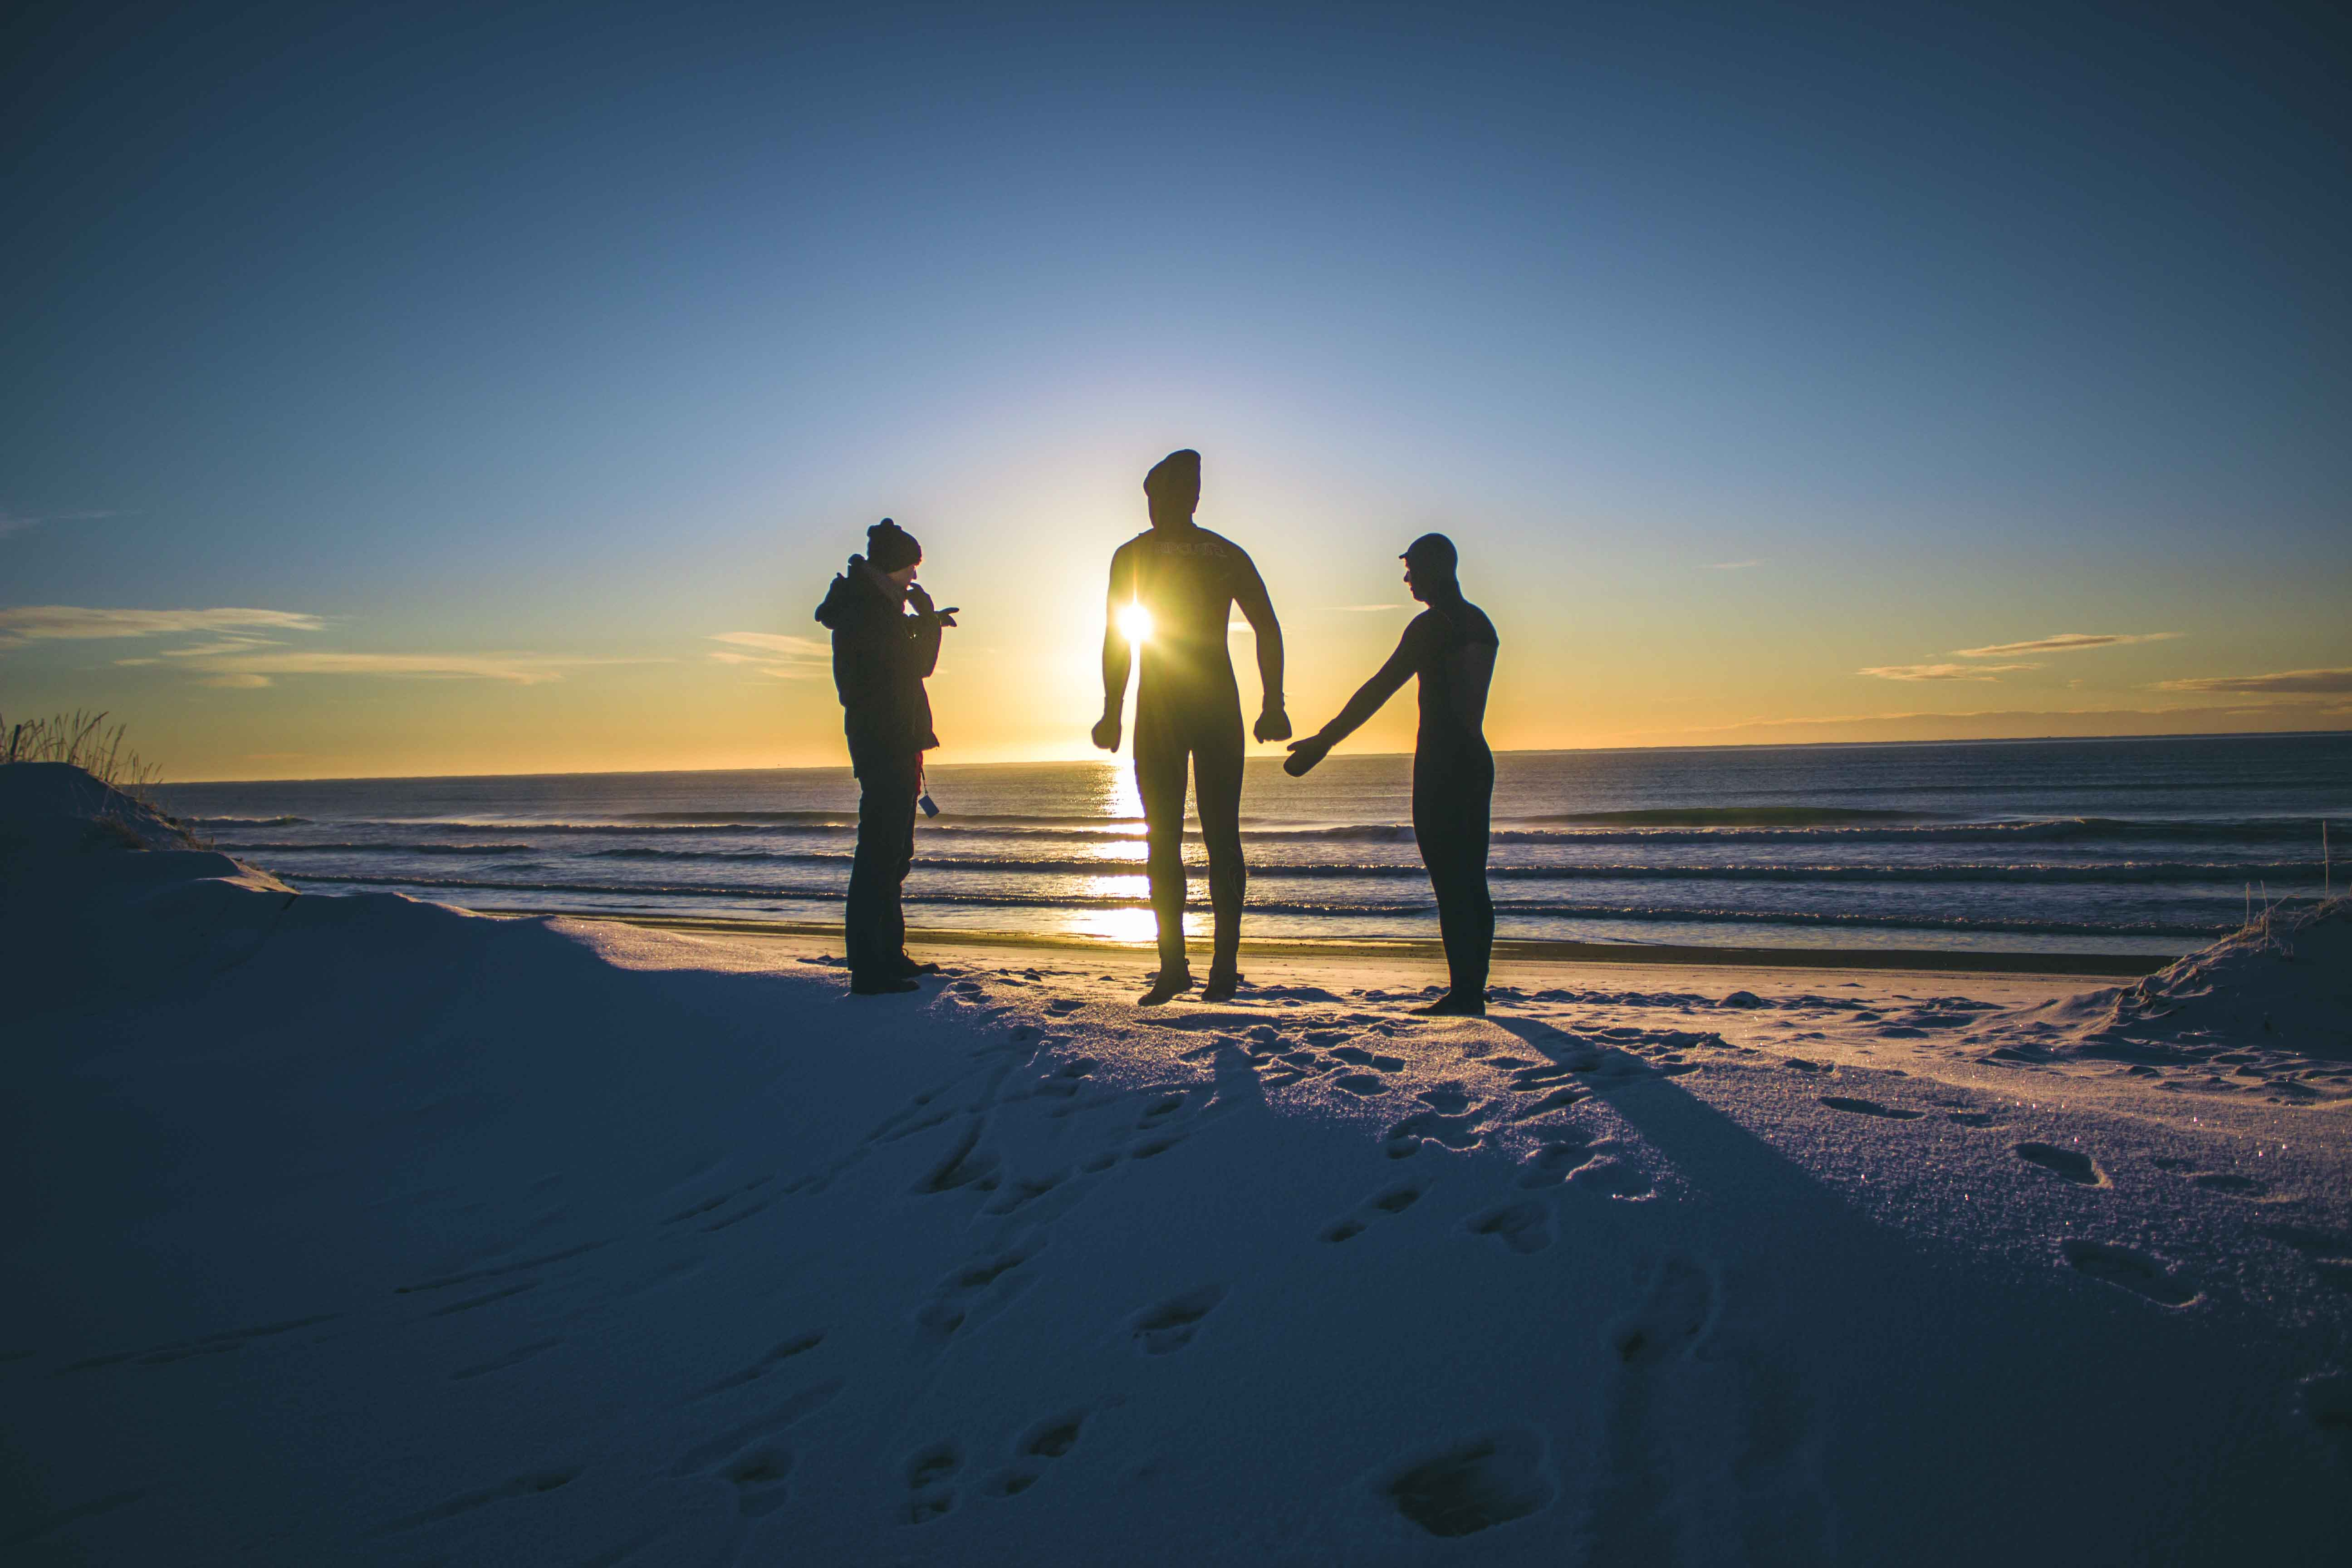 Island Surftrip Reisen Urlaub Wellenreiten6